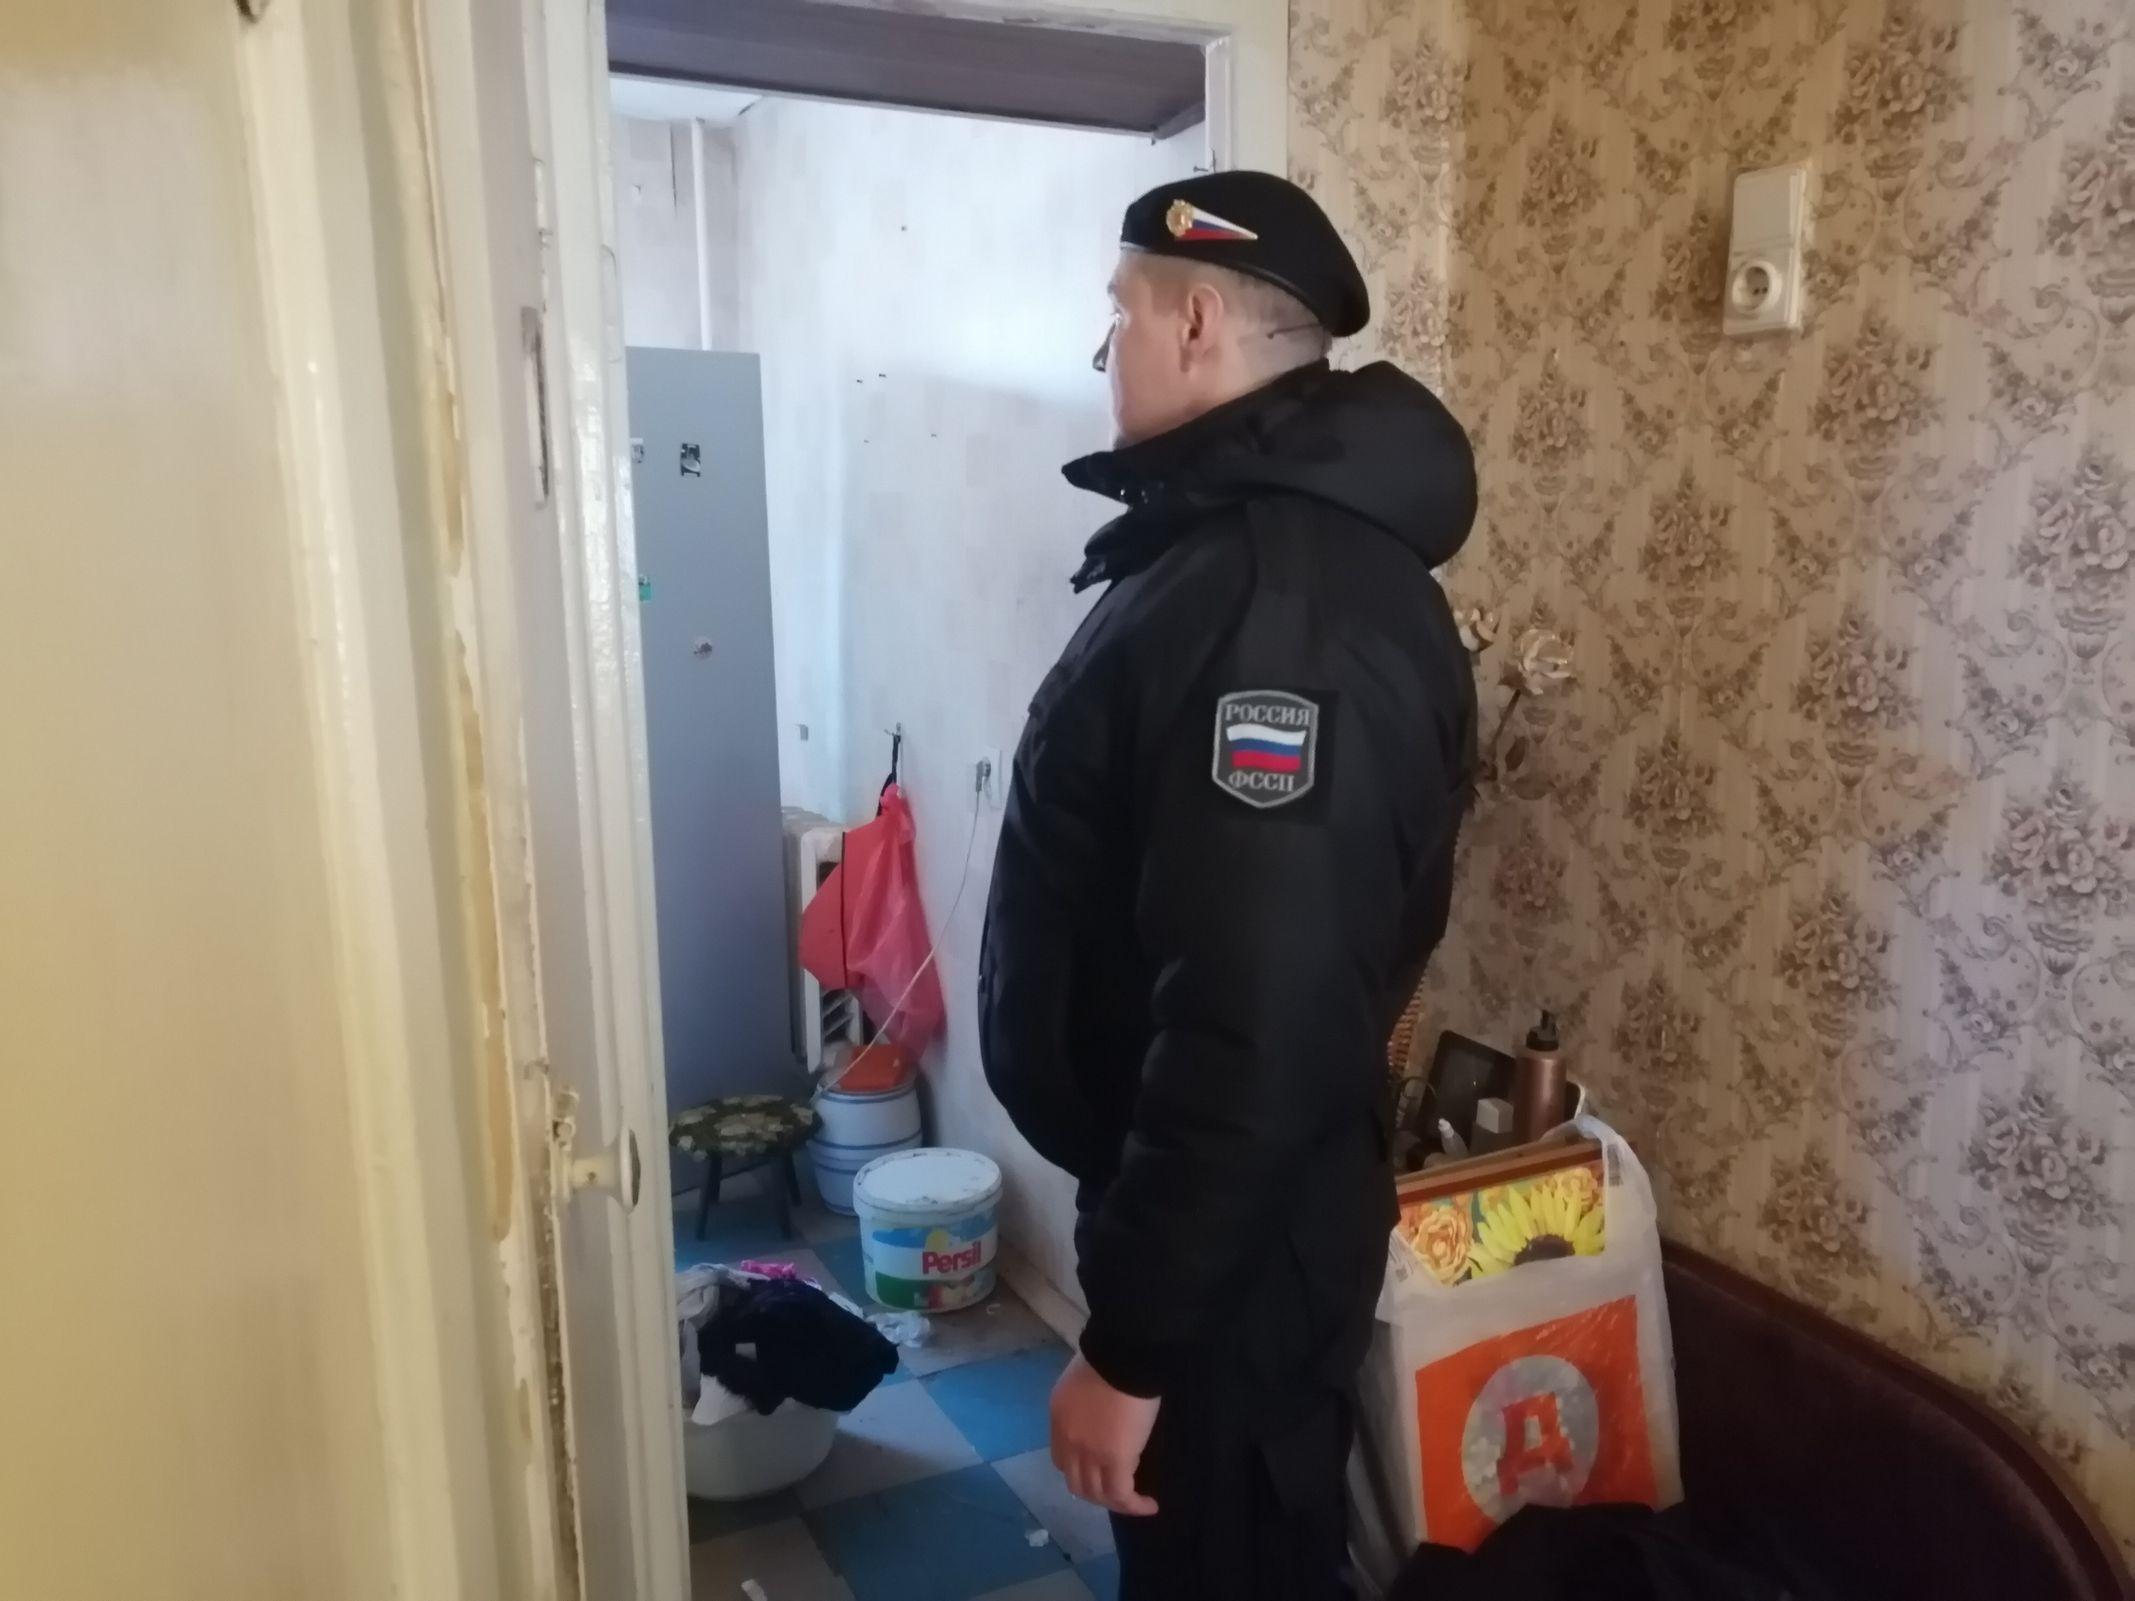 В Ярославле приставы спилили замки и выселили мужчину из квартиры за долги по ипотеке